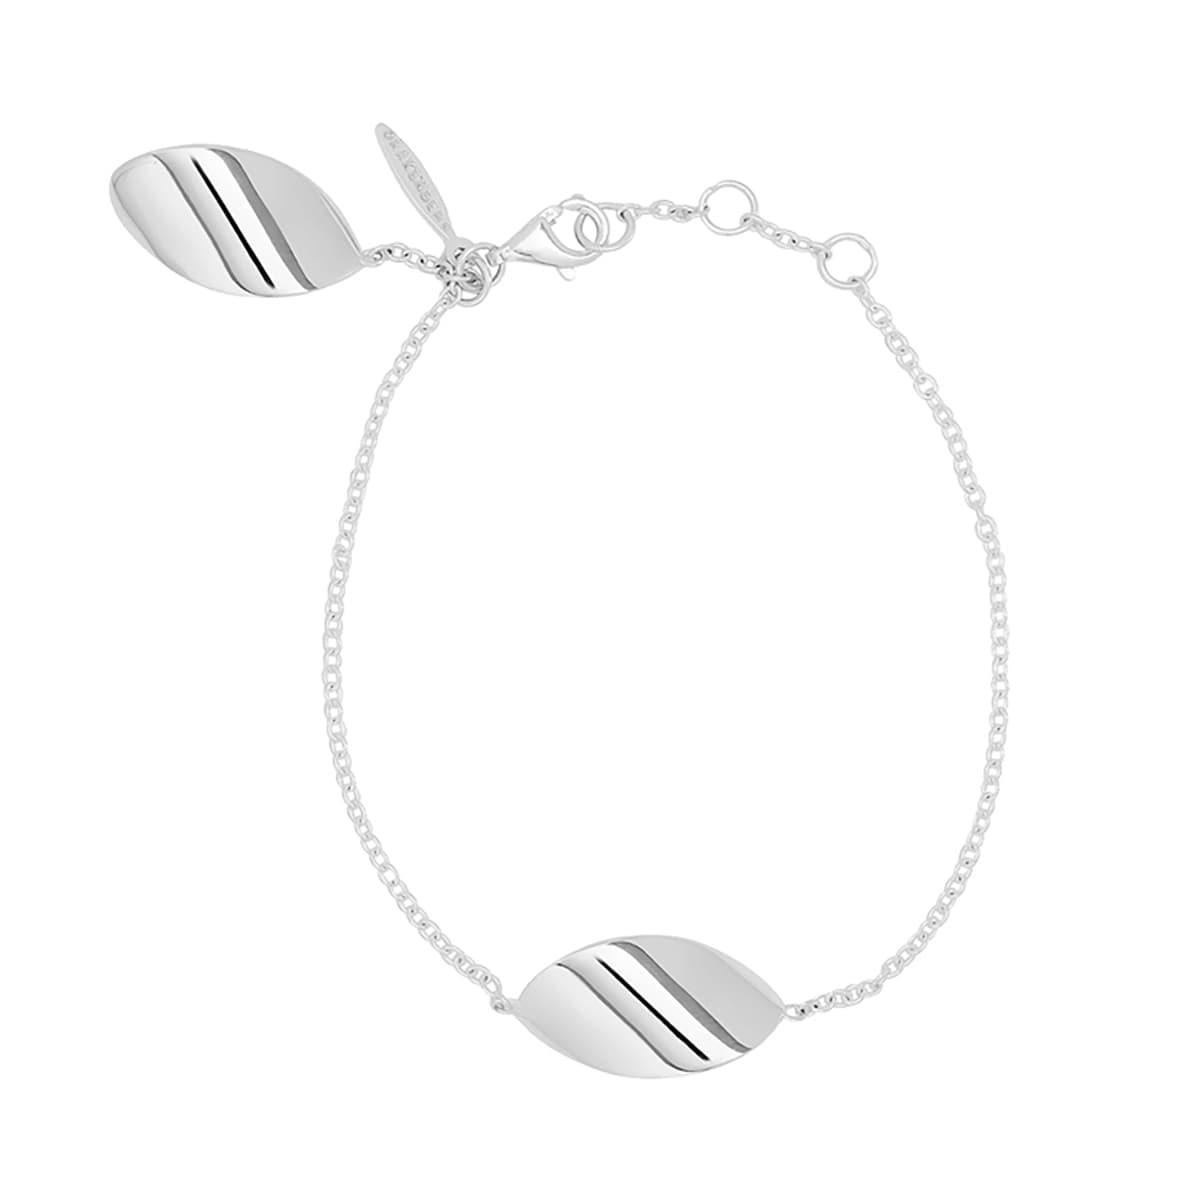 Drakenberg_Sjolin_Aqua-bracelet-lq-white_hos_Jarl_Sandin